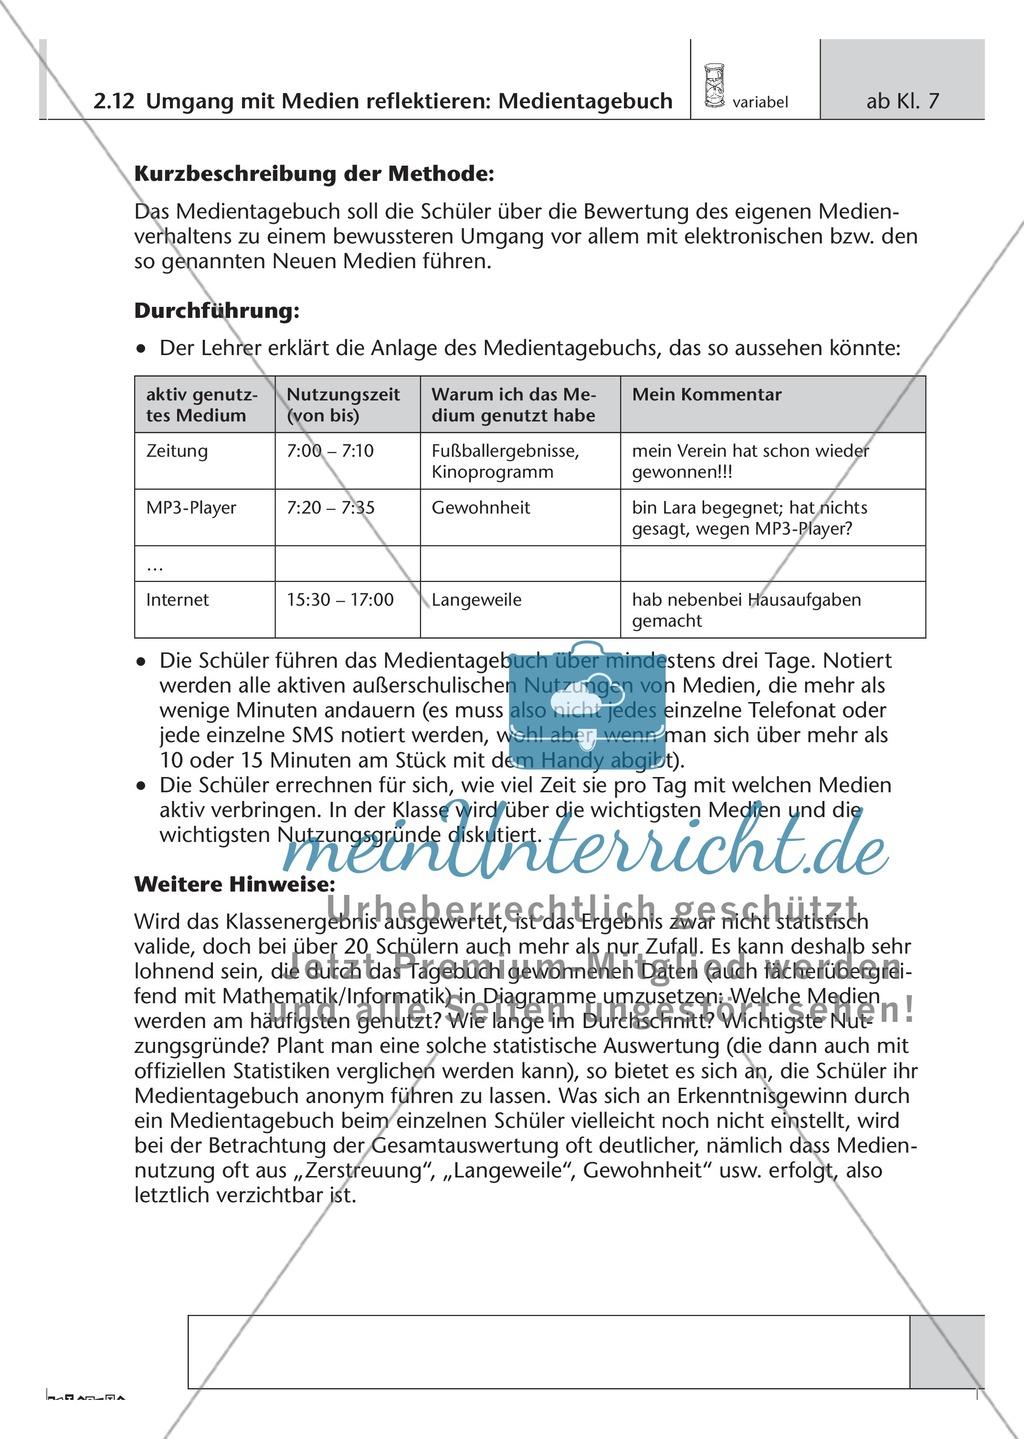 Methodik: Umgang mit Medien im Medientagebuch reflektieren Preview 0